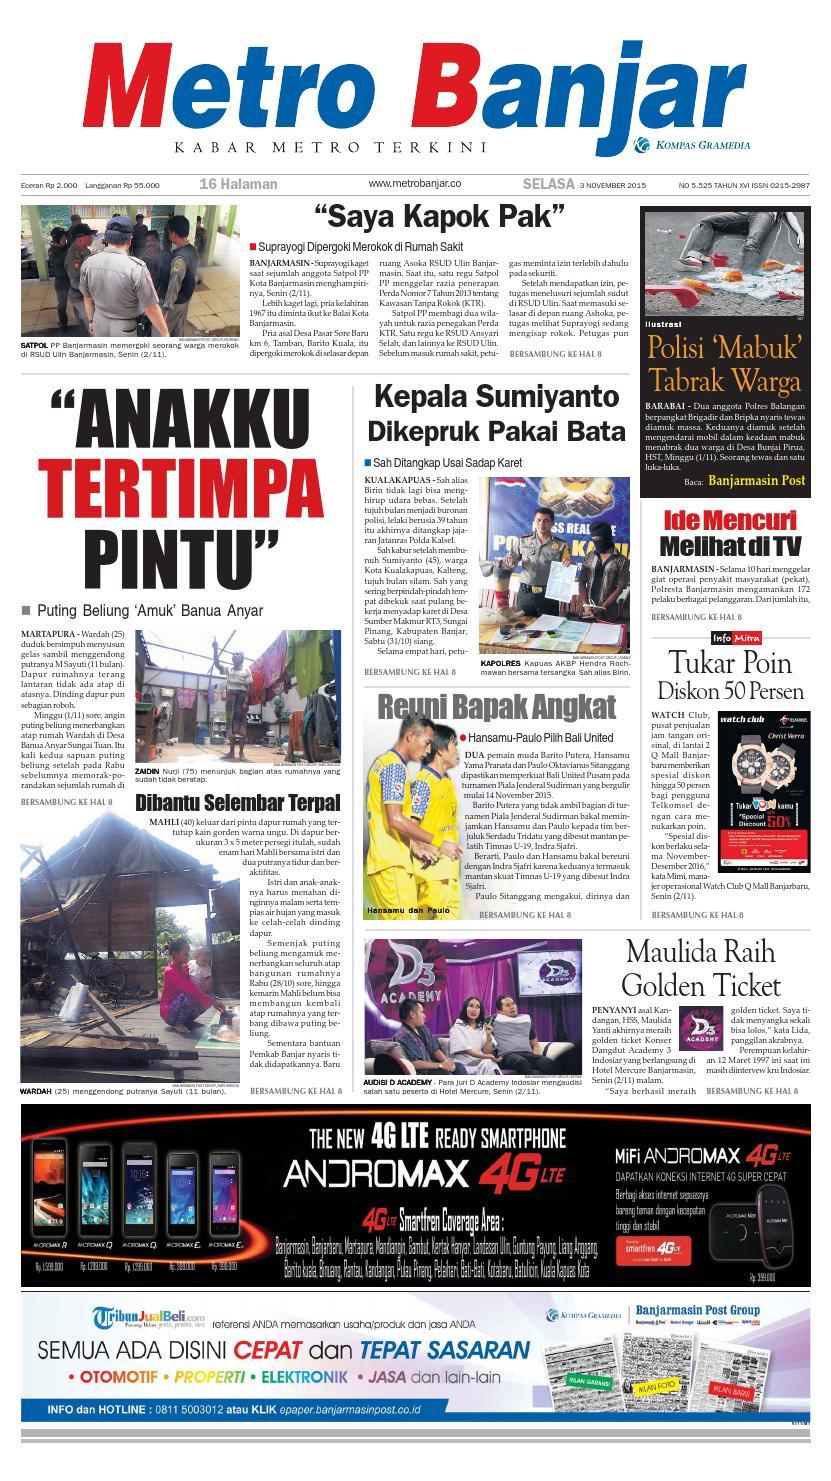 Metro Banjar Selasa 3 November 2015 By Harian Issuu Buku Misteri Mayat Yang Berpindah Smara Gd